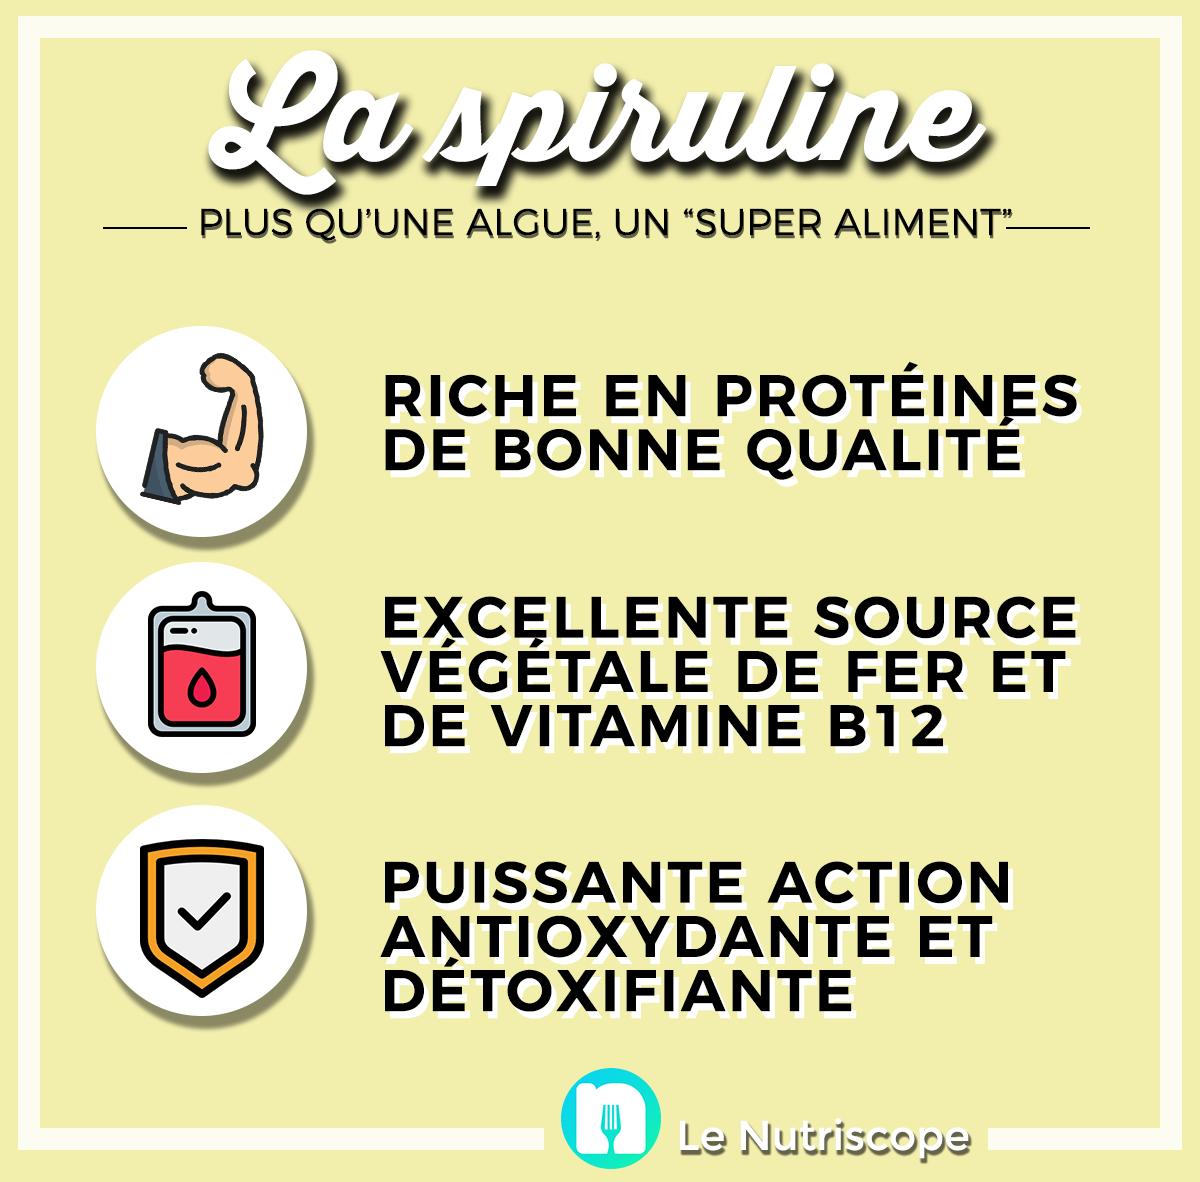 Intérêt nutritionnel de la spiruline